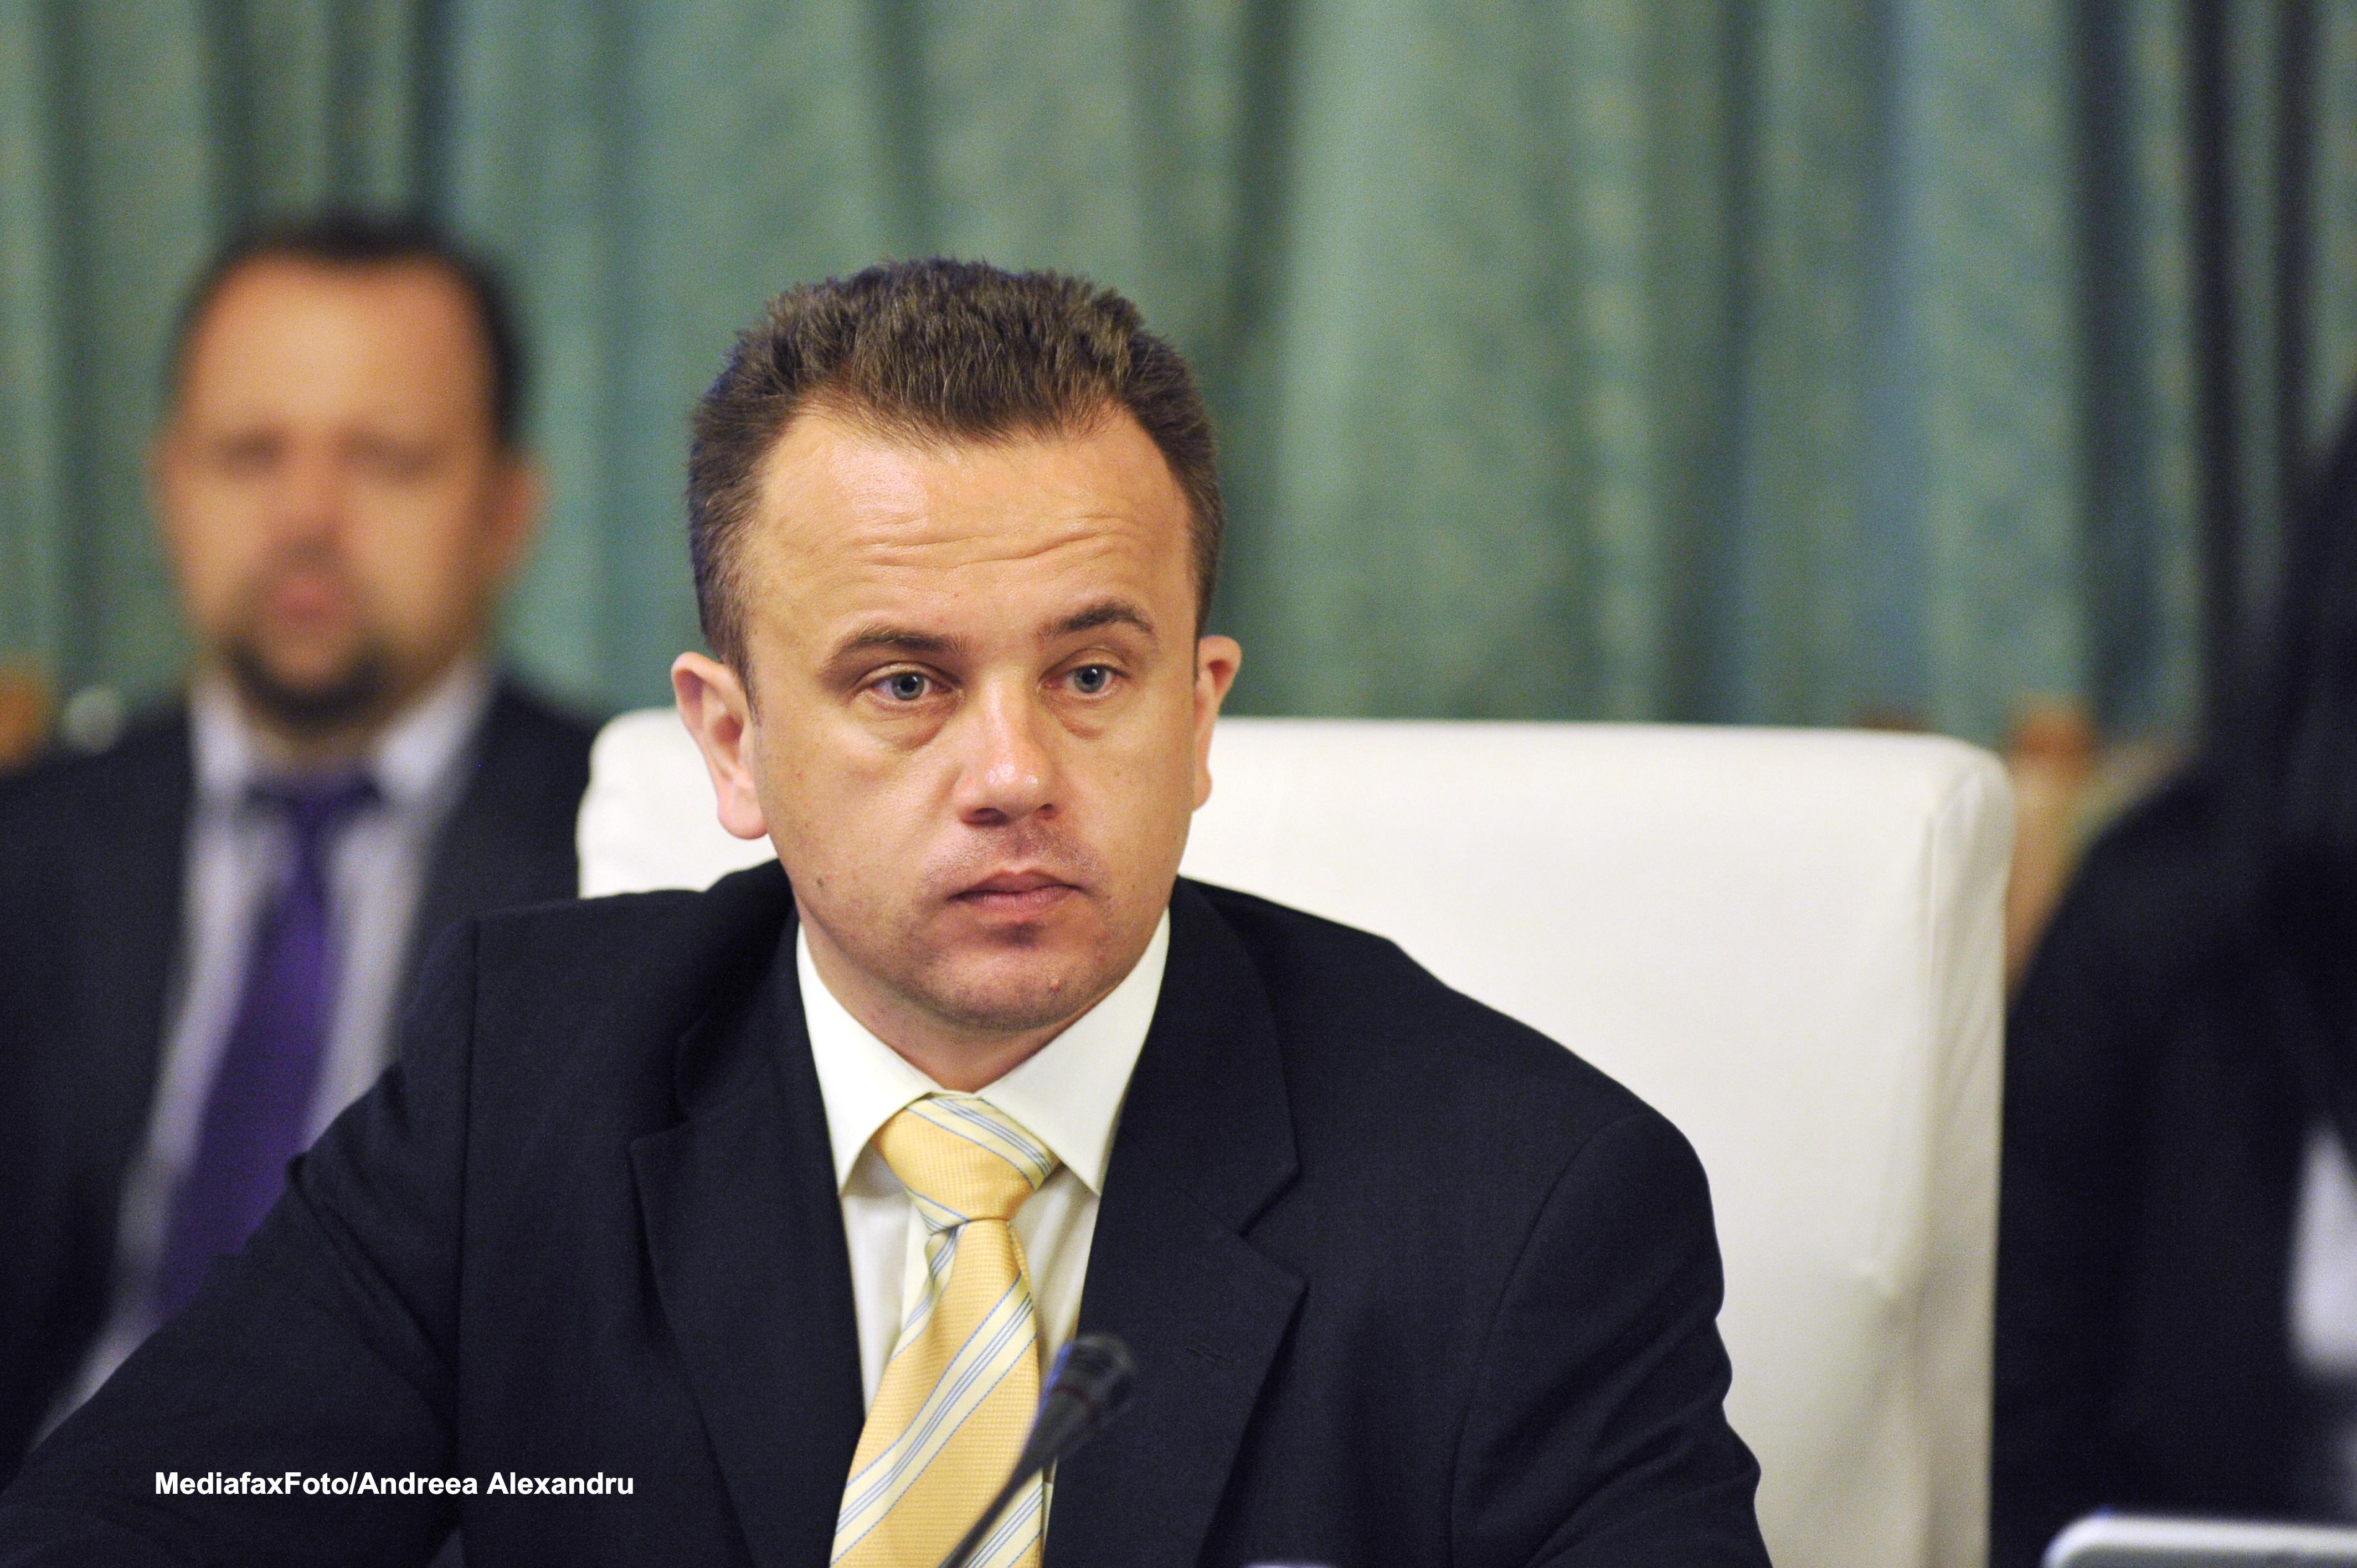 Parchetul a dispus neinceperea urmaririi penale a lui Liviu Pop, in cazul conflictului de interese